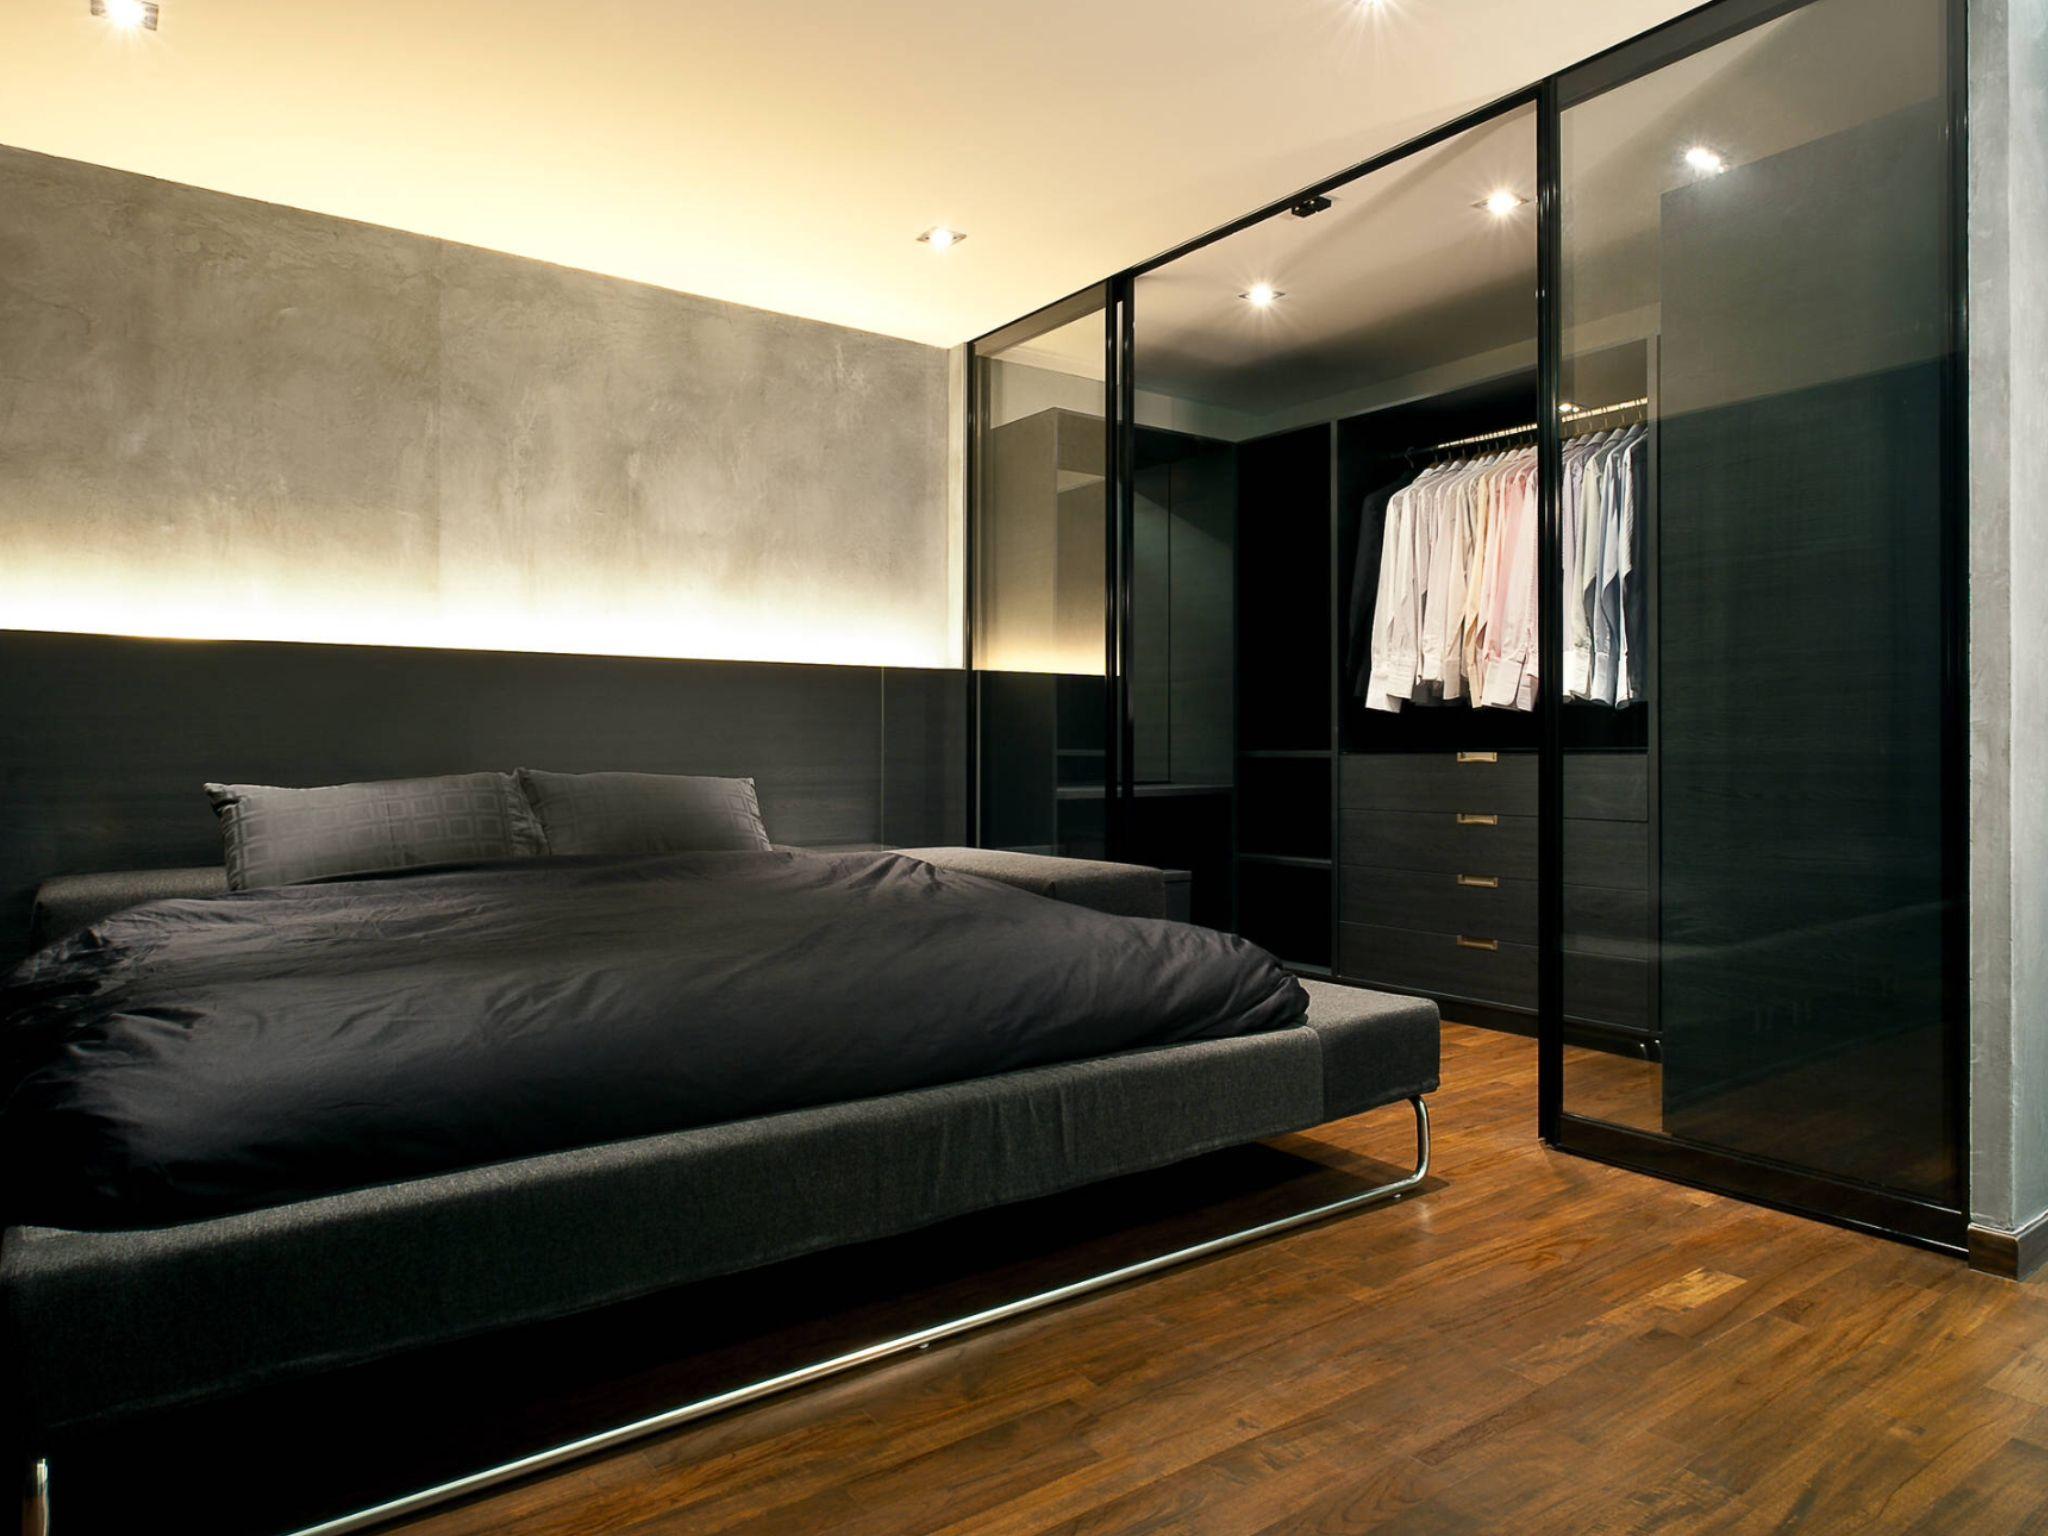 Industrial Bedroom Using Dark Bed Design Industrial